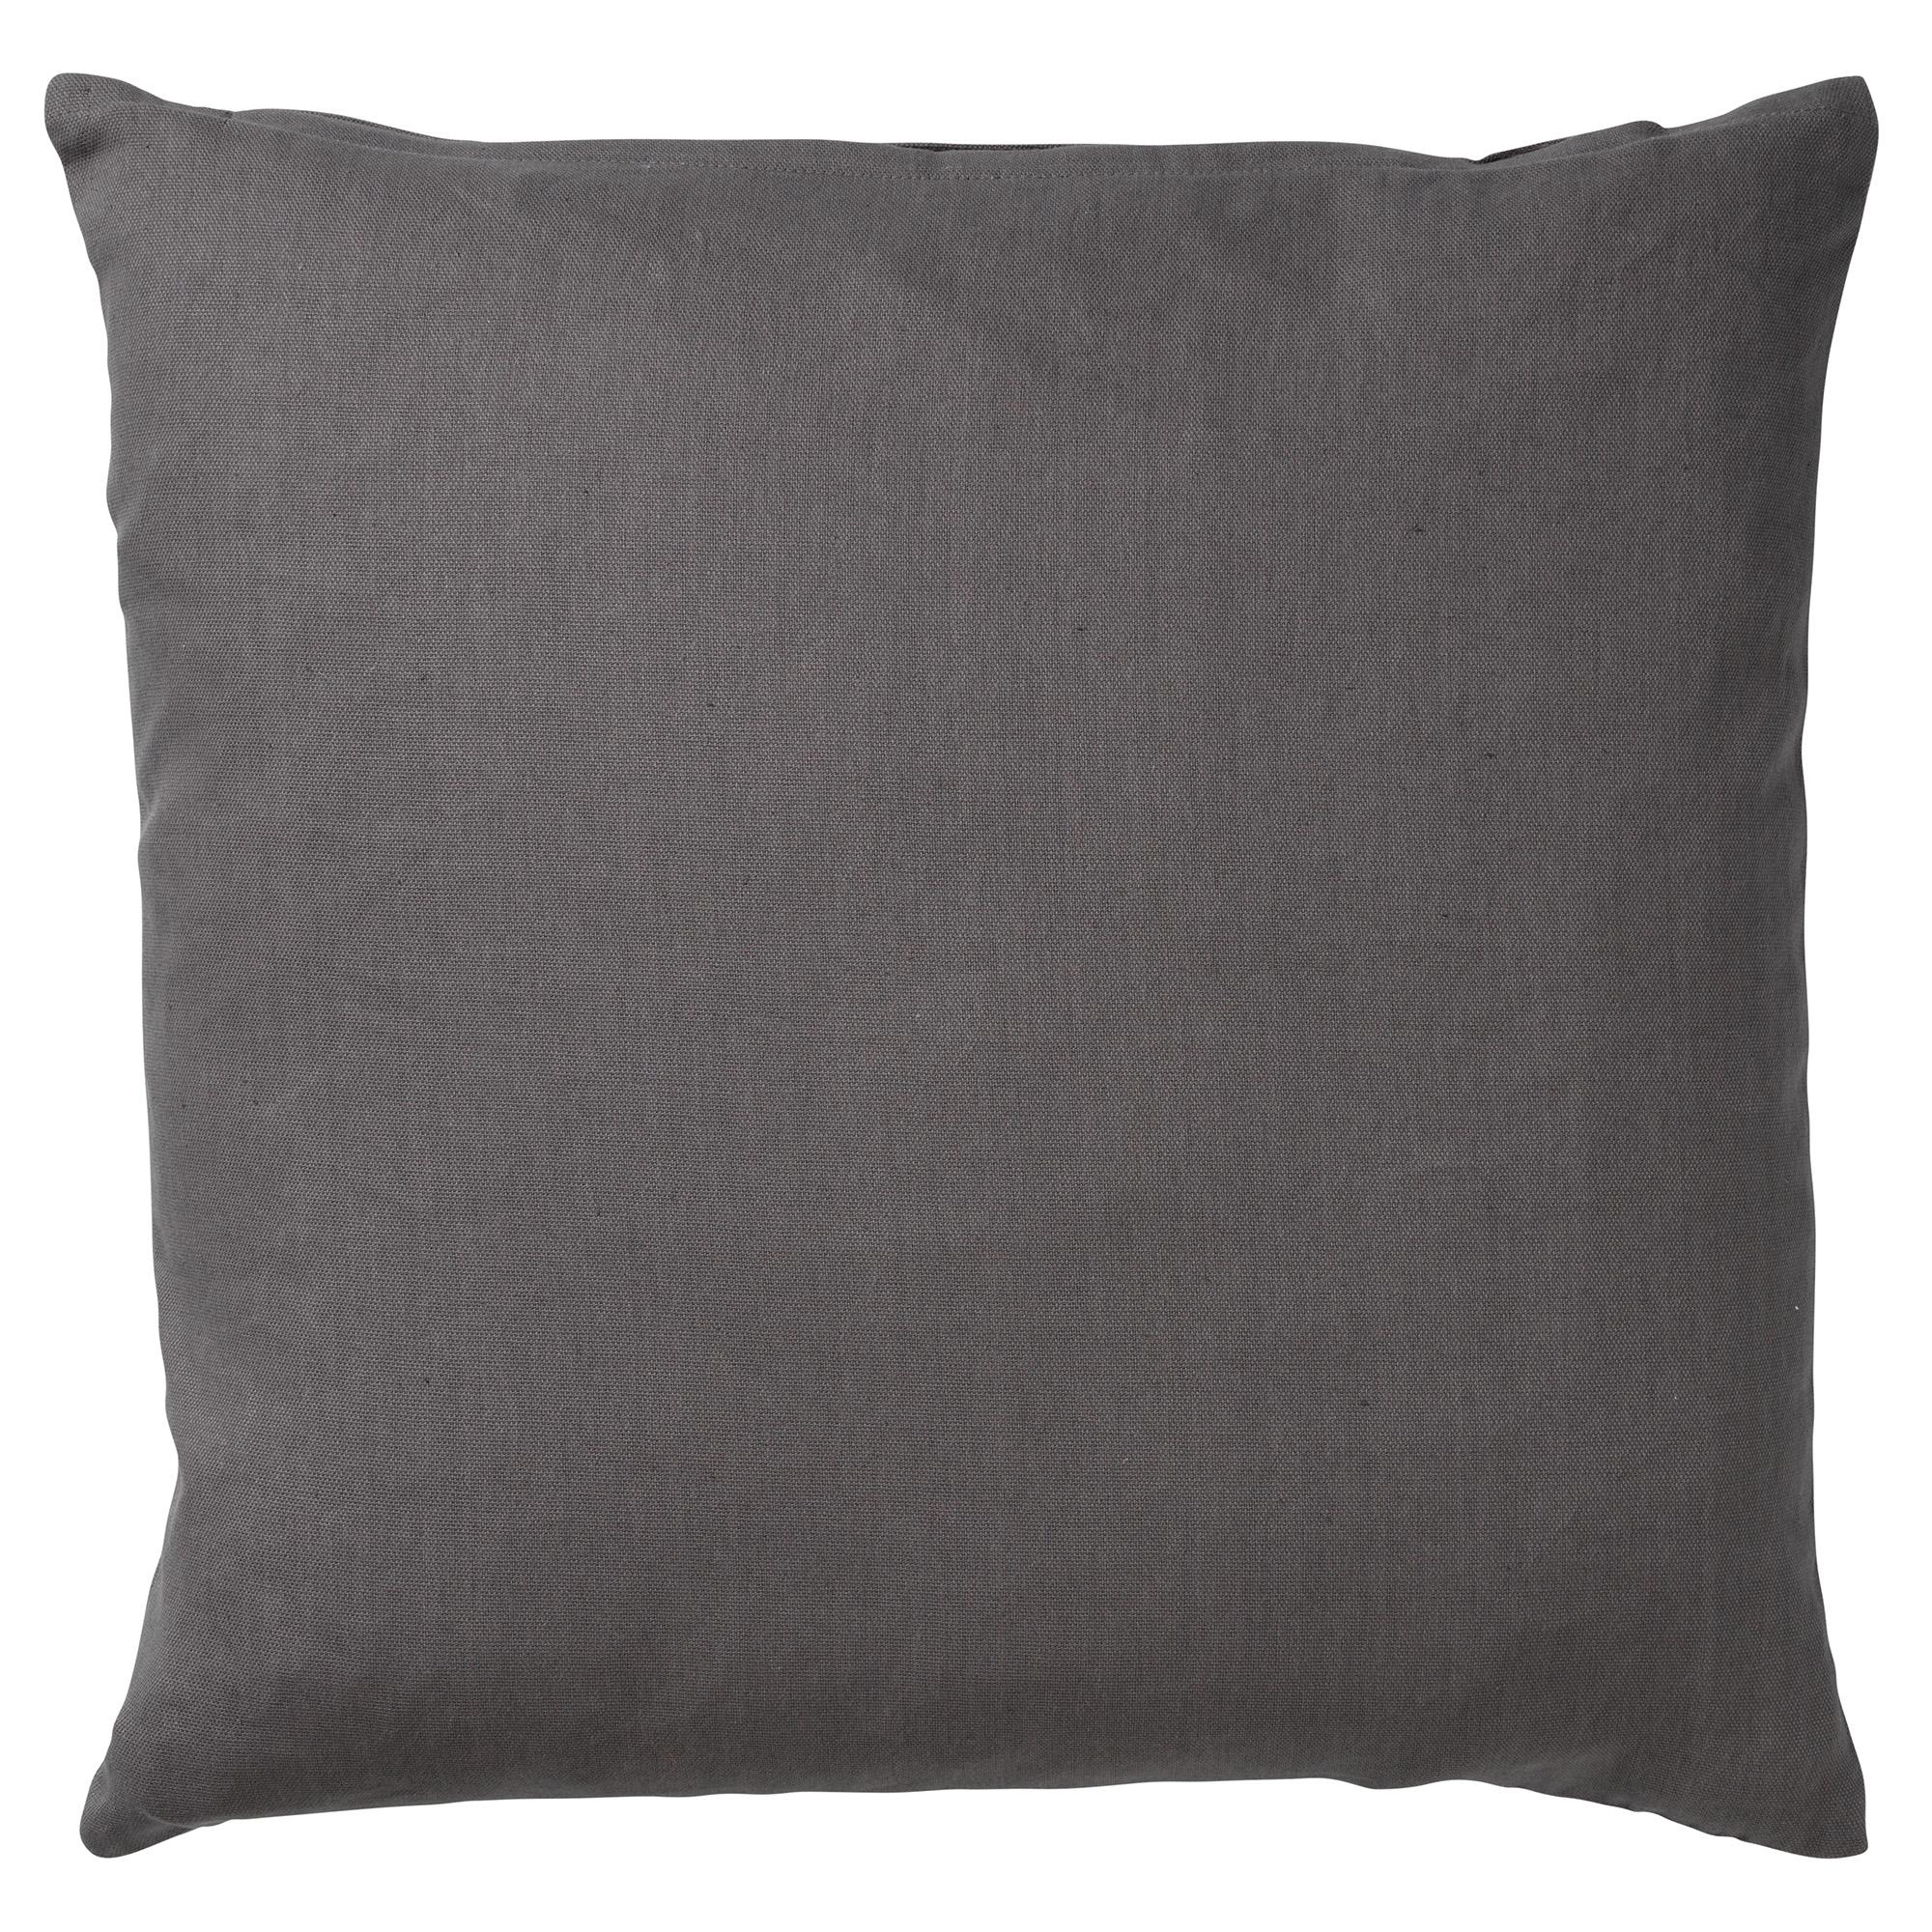 JAMES - Sierkussen van katoen Charcoal Grey 45x45 cm